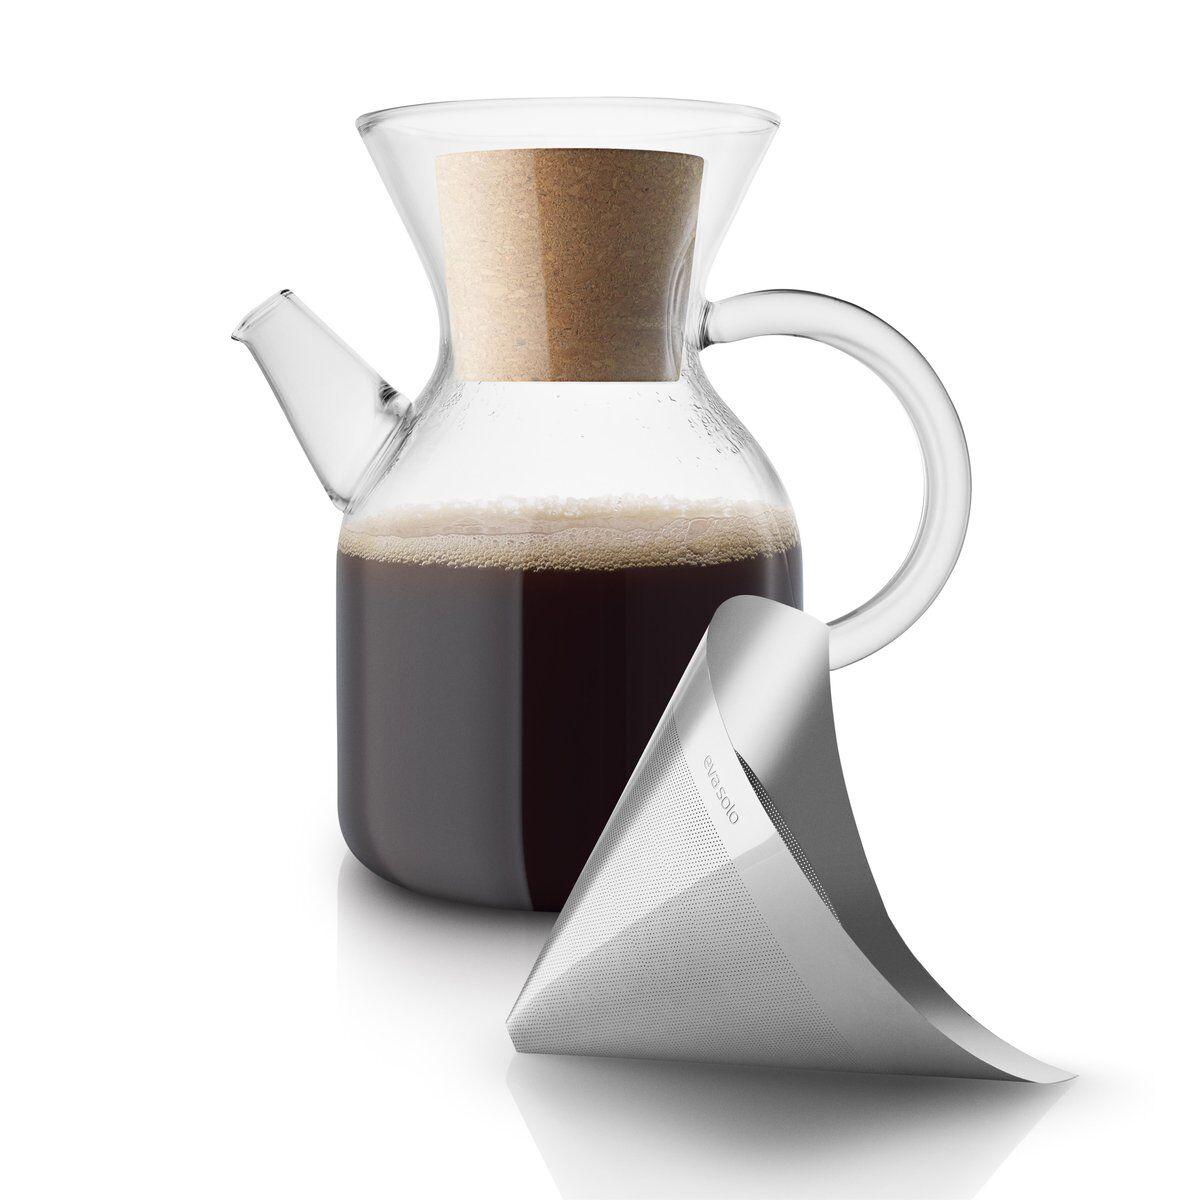 Eva Solo Pour over kaffebrygger 1 l